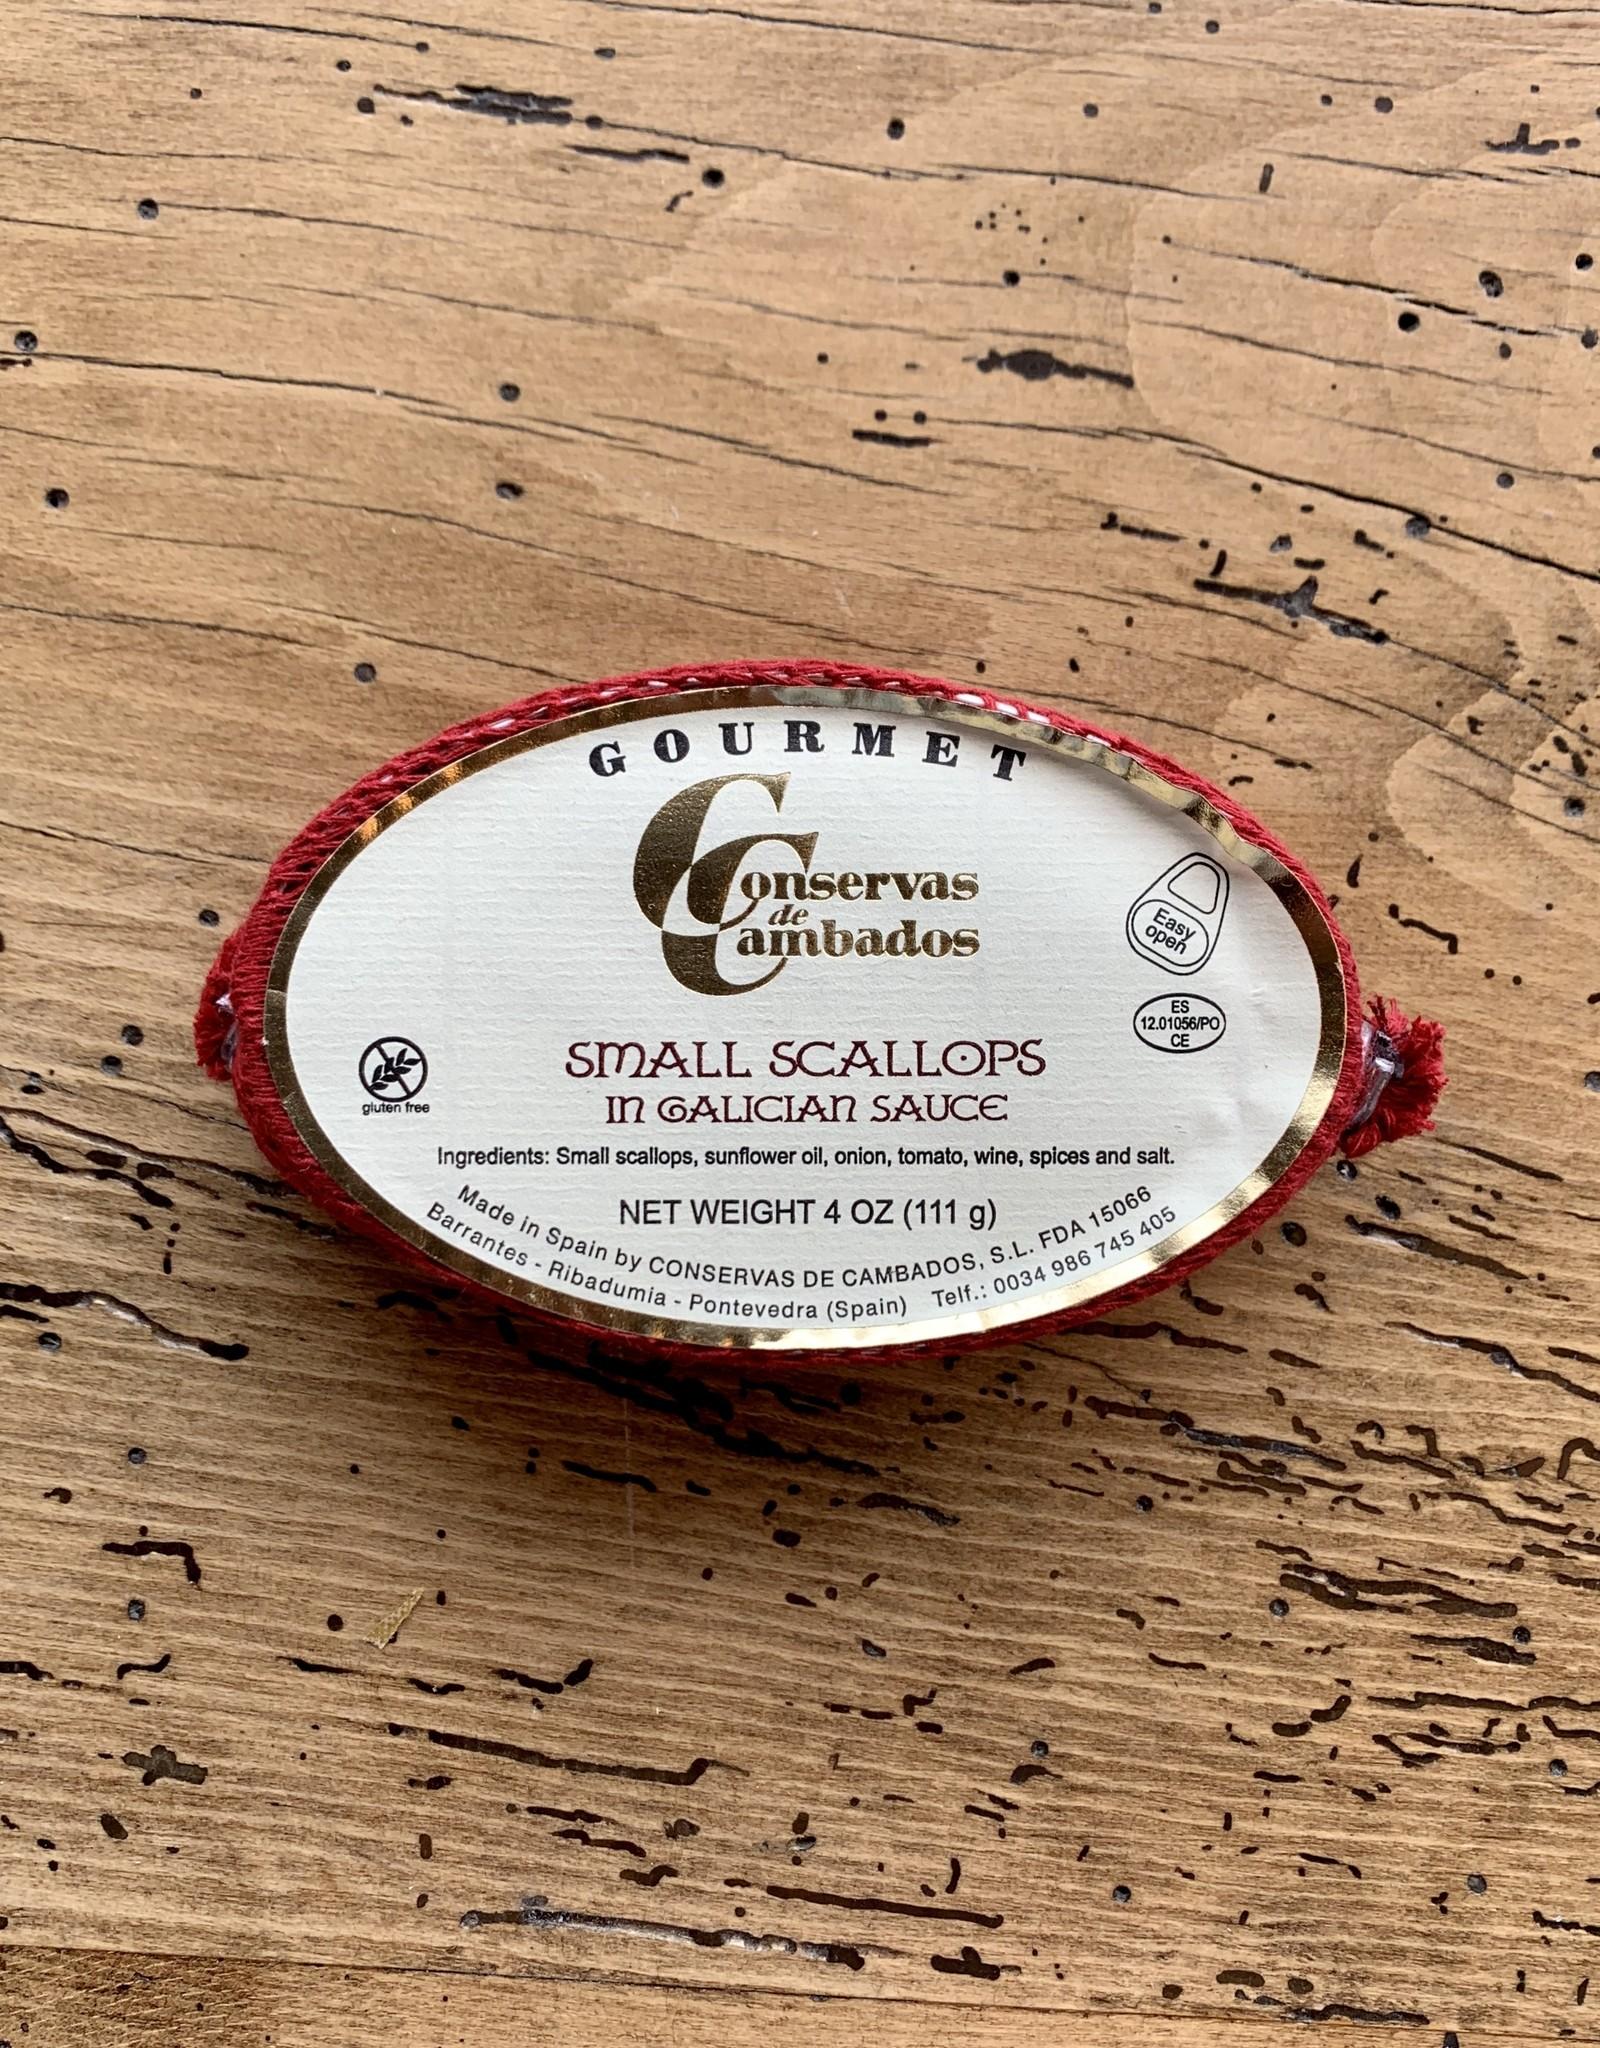 Conservas de Cambados Small Scallops in Galician Sauce